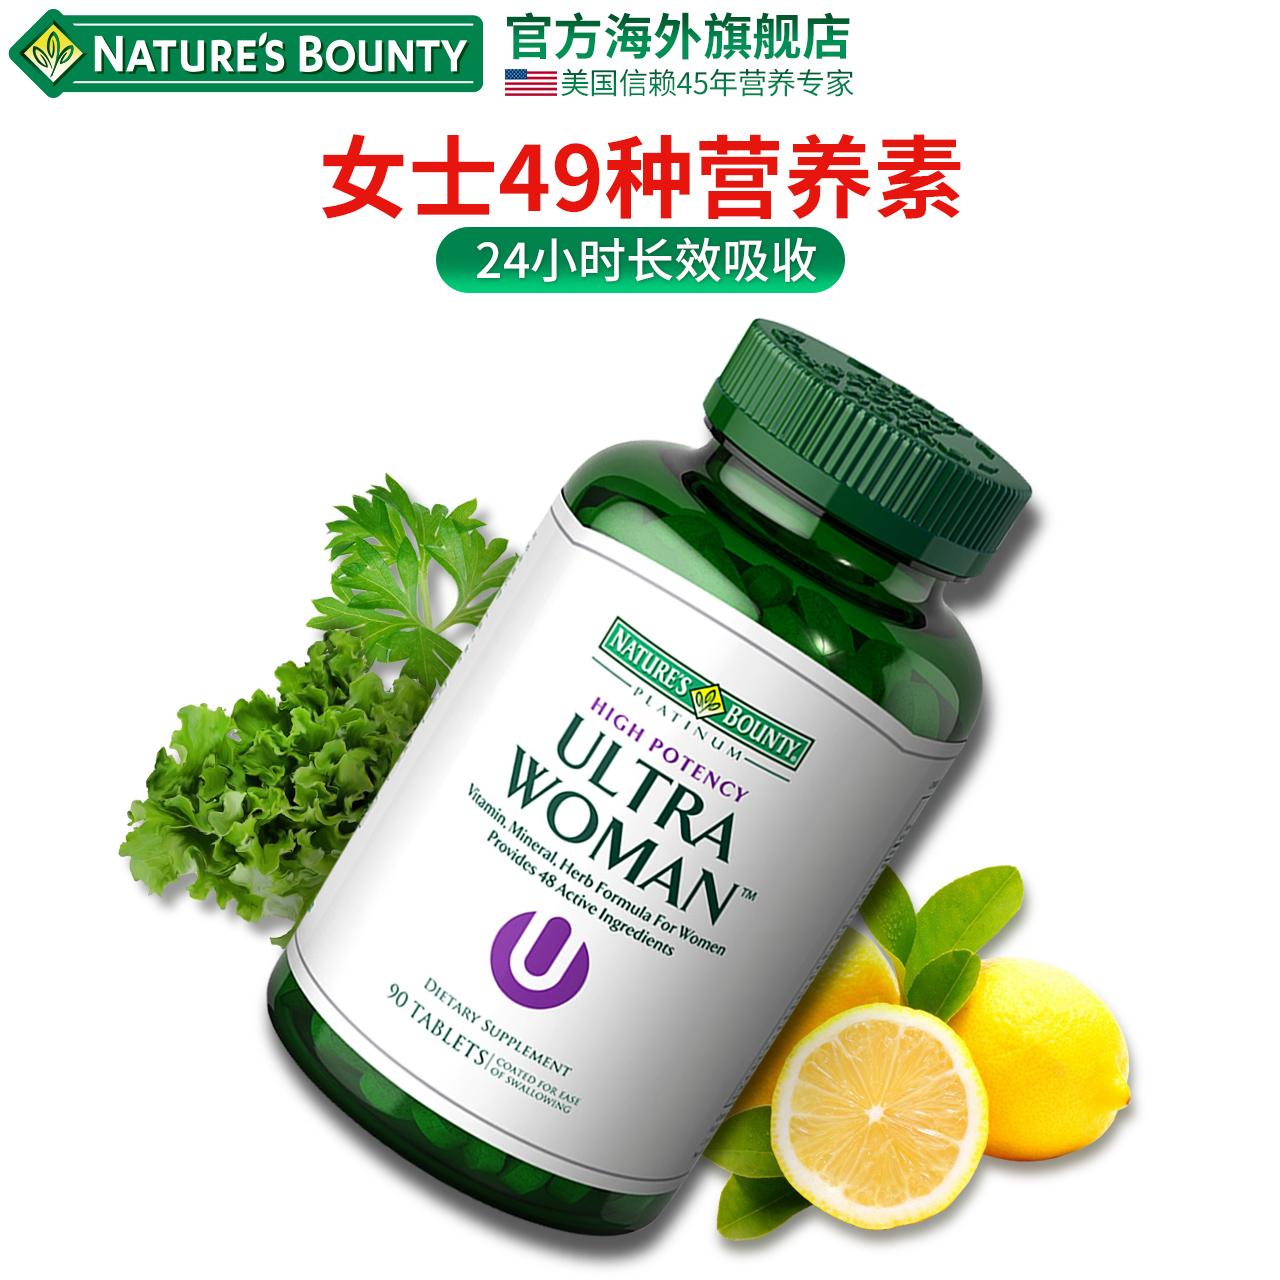 Природный сокровище супер травянистый мисс много видов комплекс размер сырье вегетарианец 90 лист VAVCVB коллаген белок фрукты и овощи сущность